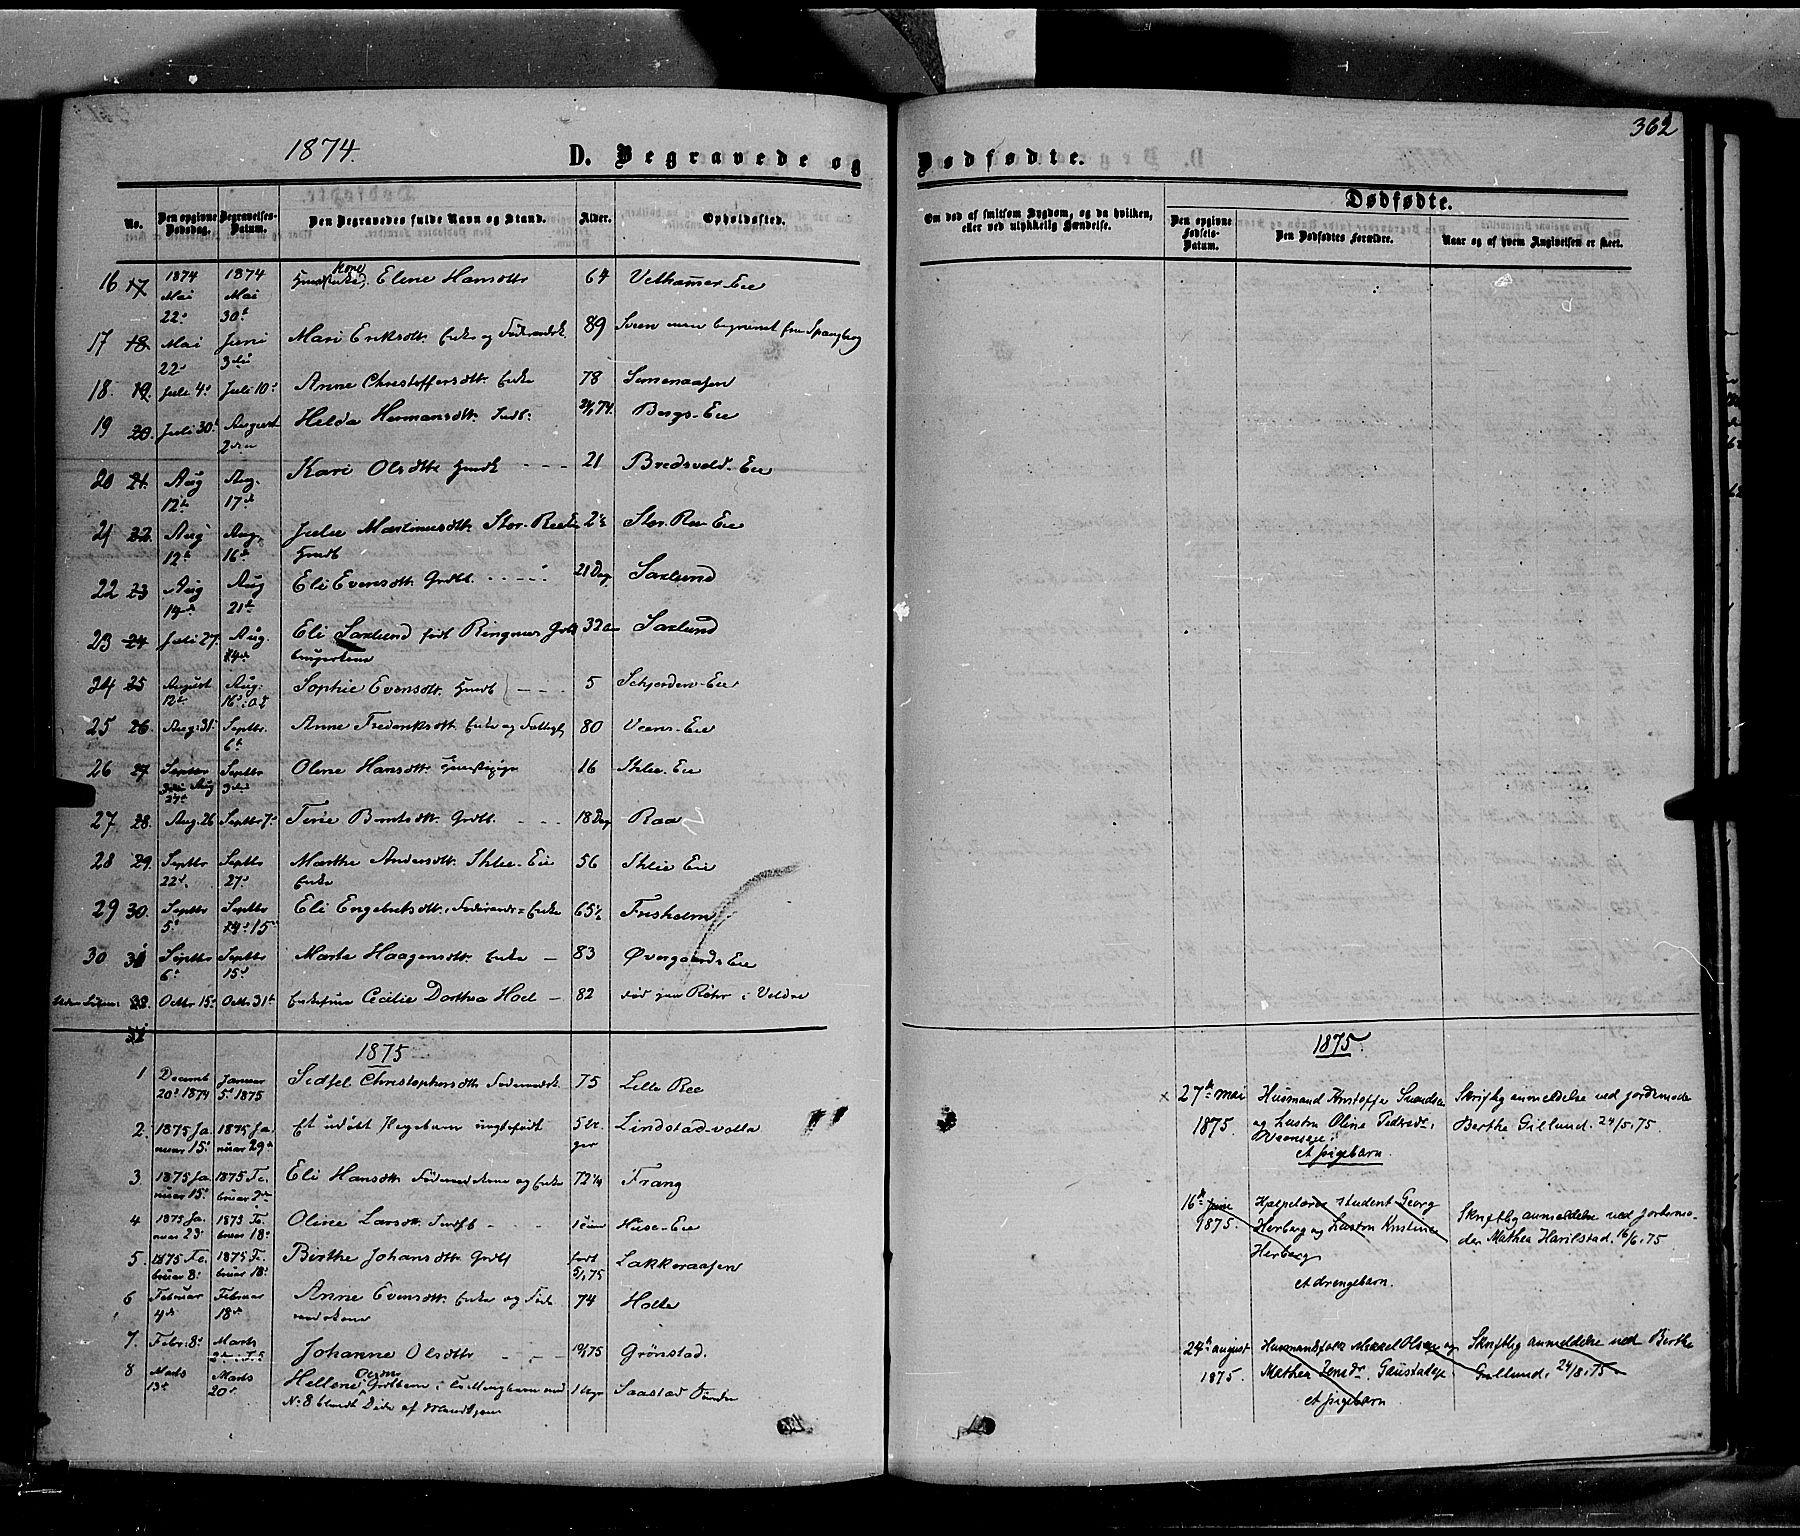 SAH, Stange prestekontor, K/L0013: Parish register (official) no. 13, 1862-1879, p. 362